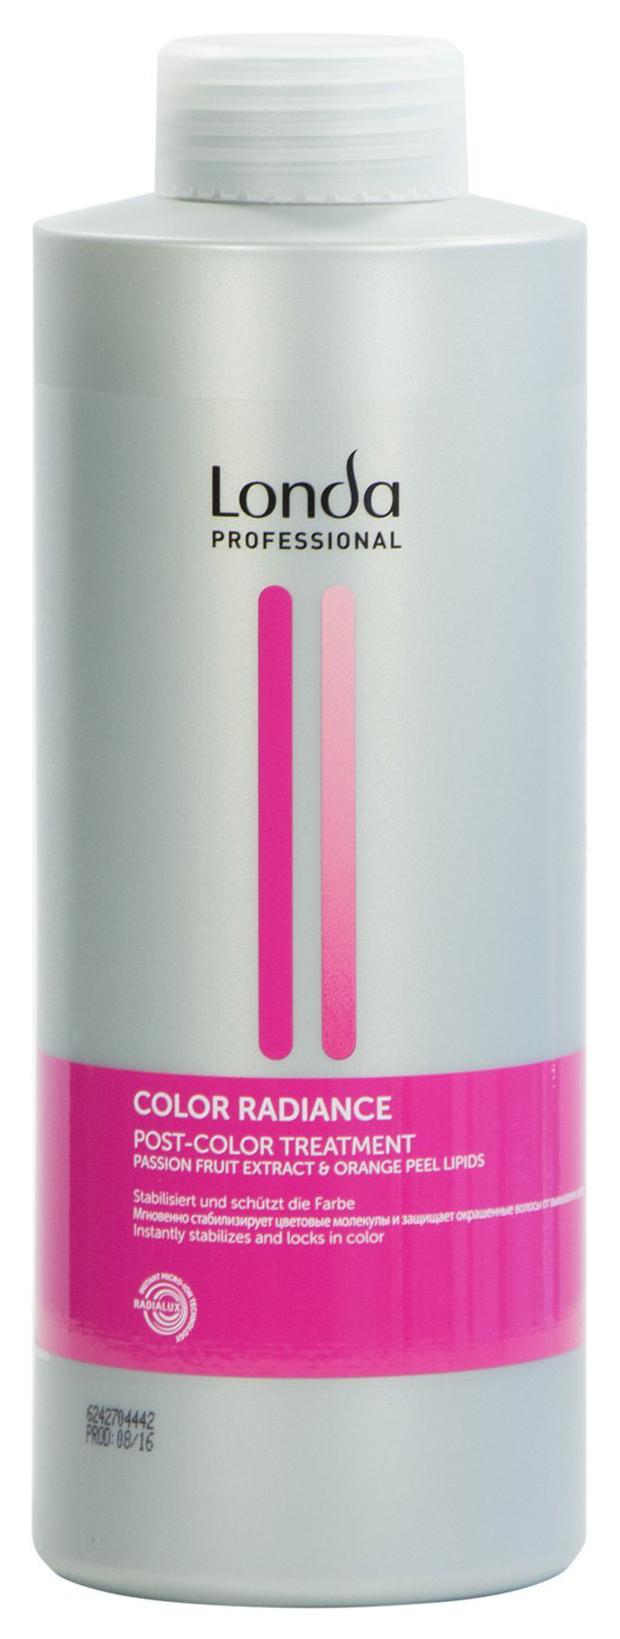 Маска для волос Londa Professional Color Radiance 1 л фото